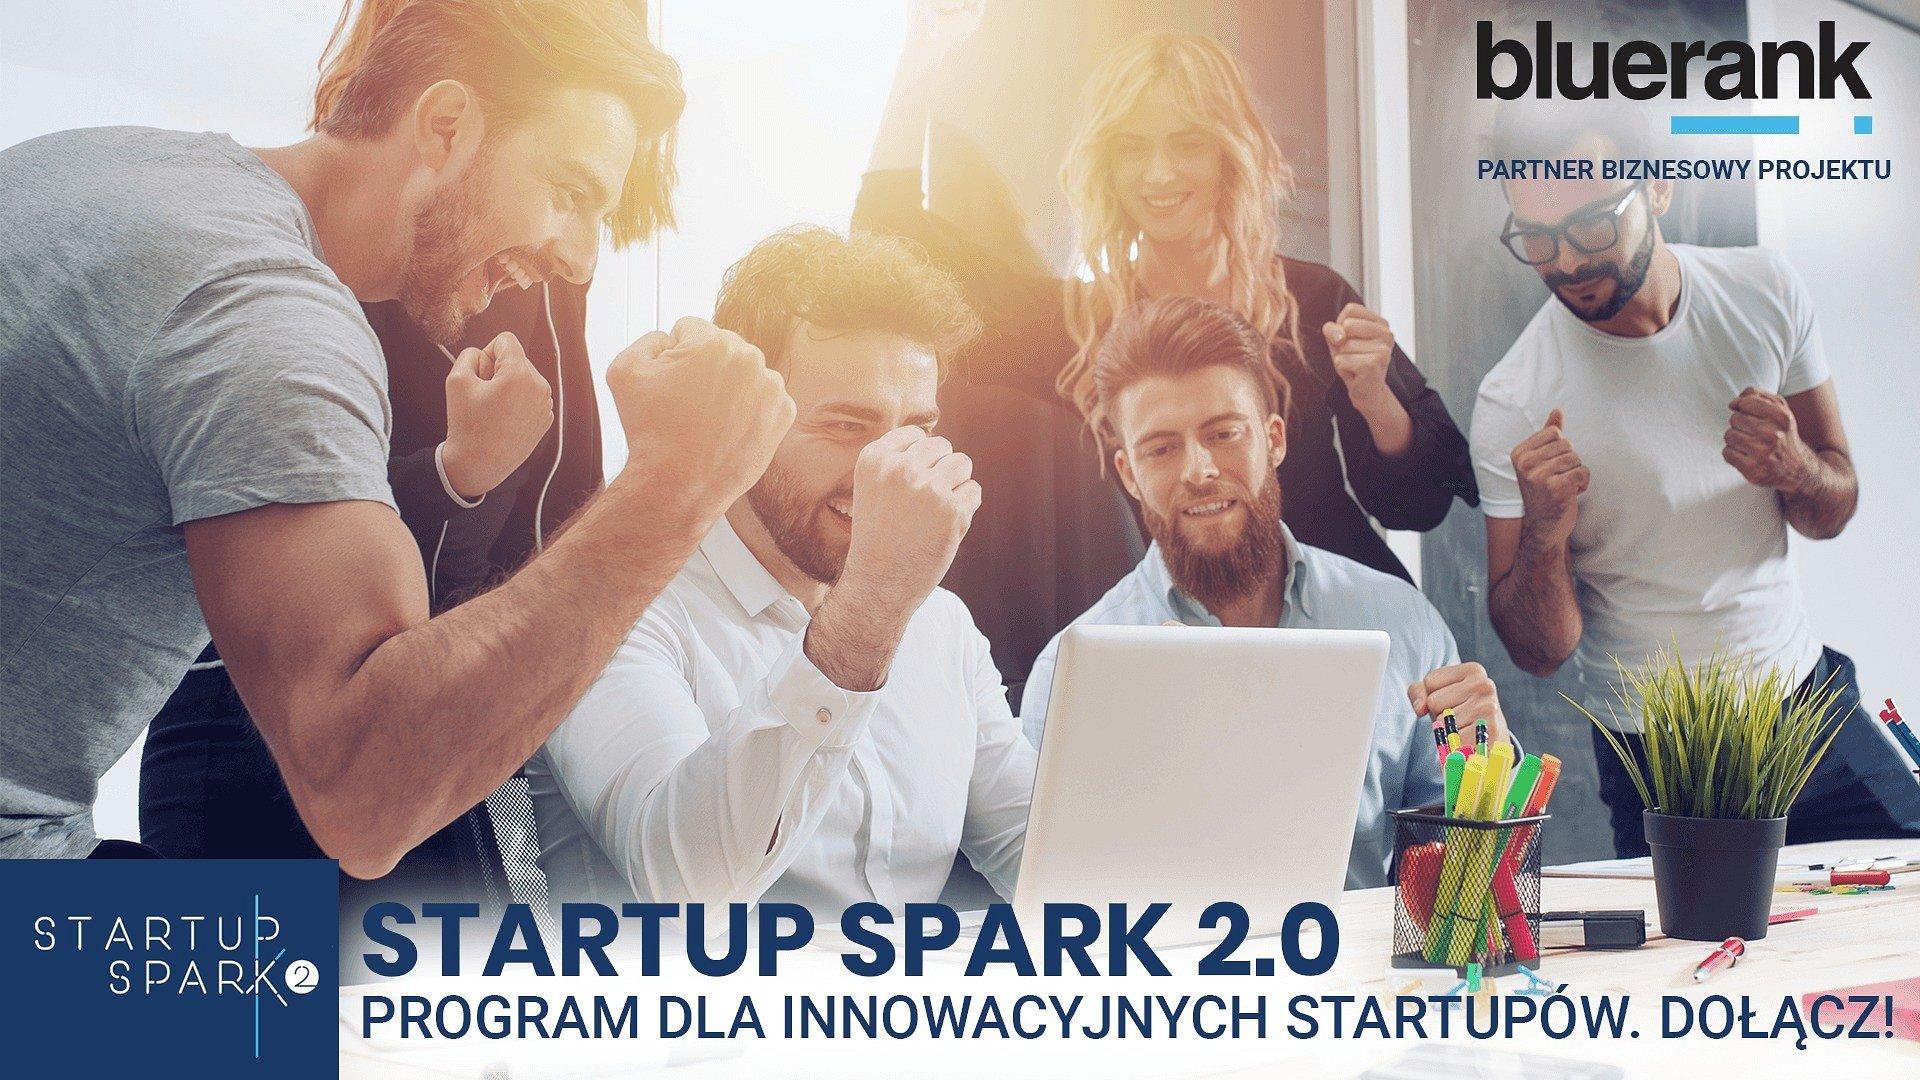 Program dla innowacyjnych Startupów. Dołącz!